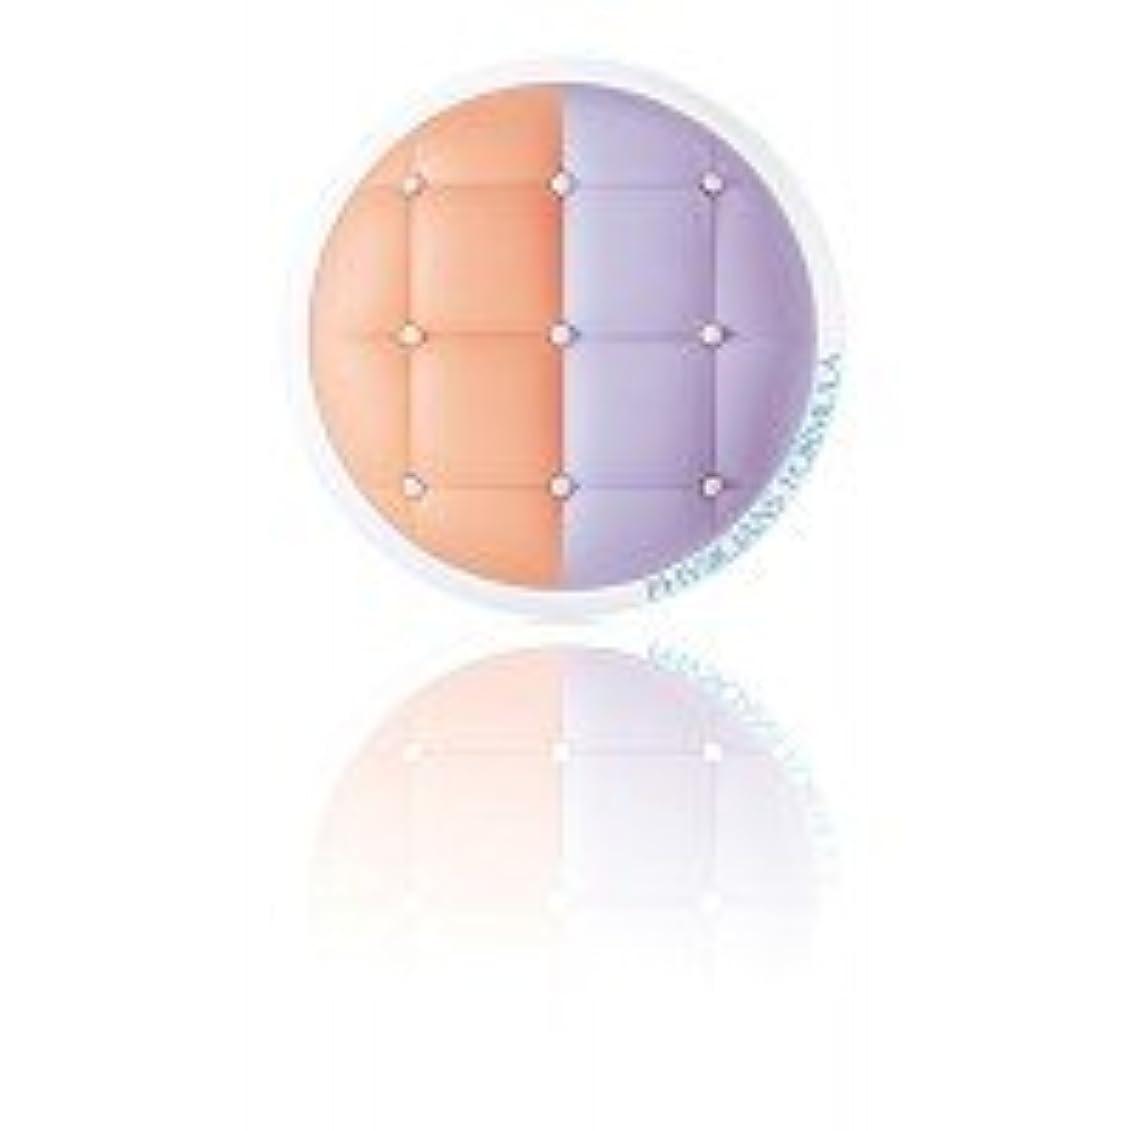 臨検パイなかなかミネラルウェア クッションコレクター+プライマーデュオ Peach/Lavender MCC02